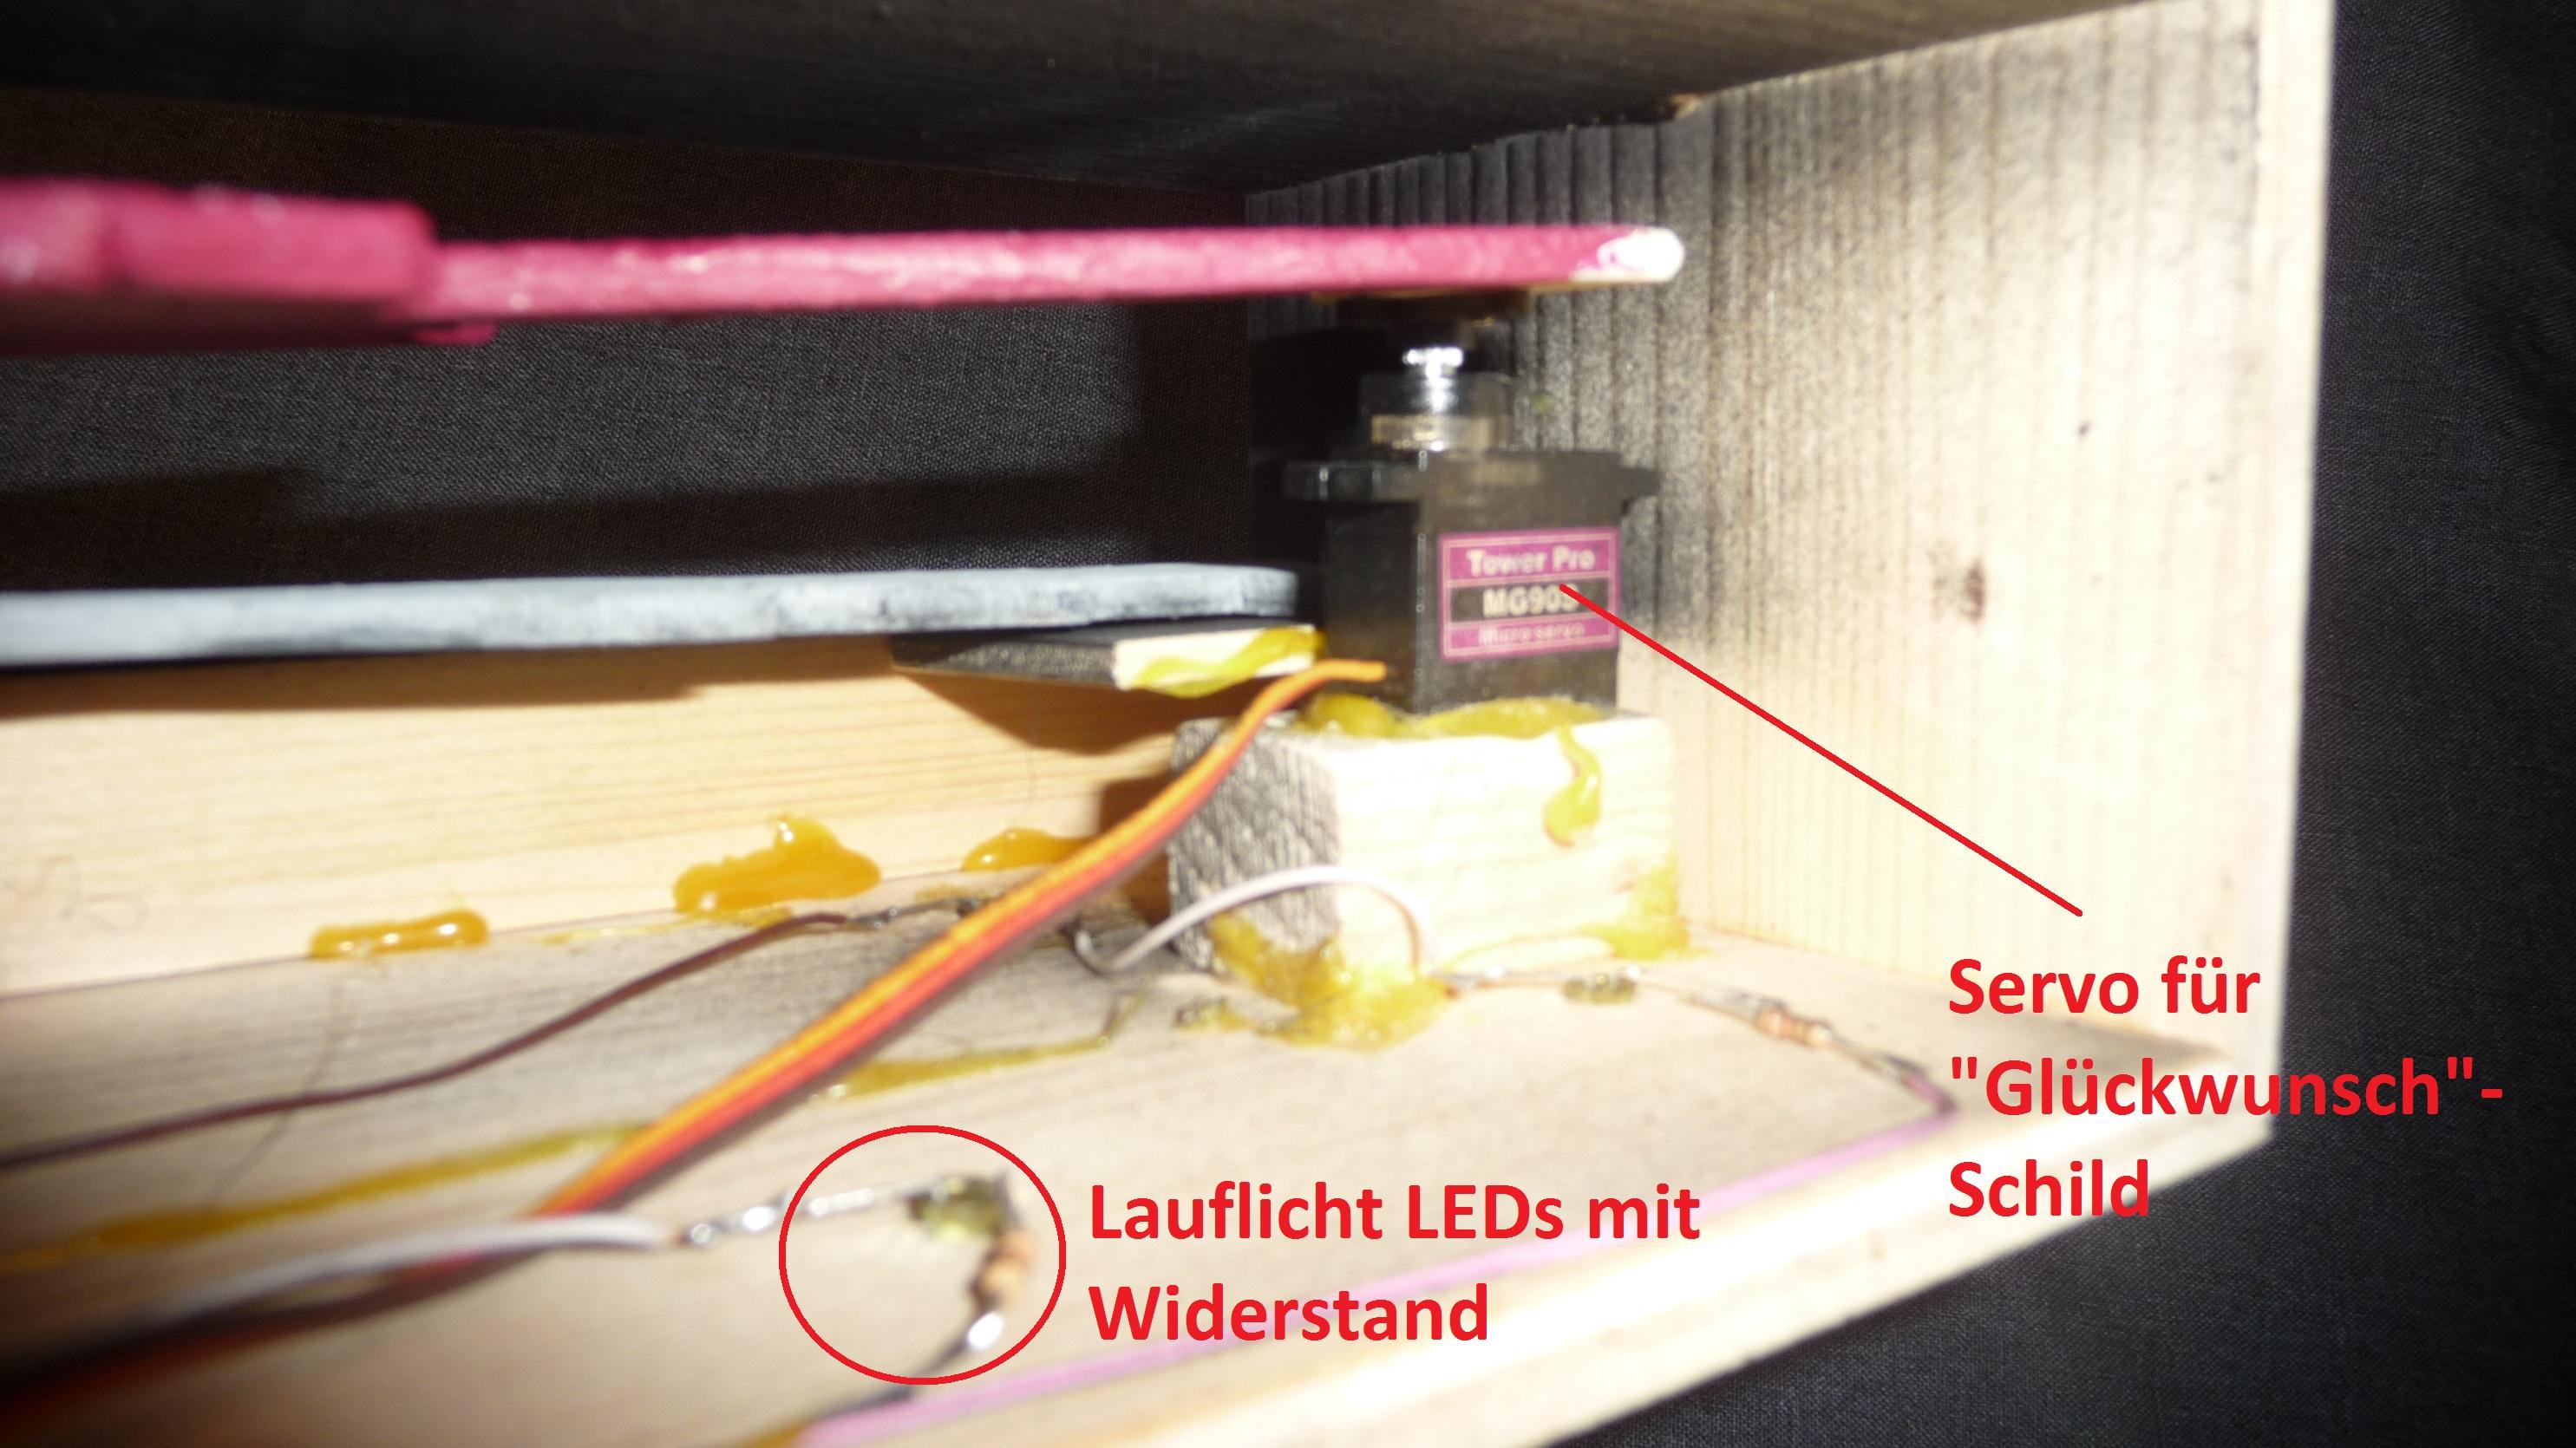 Projekt 12 - Ansicht von unten mit Servo 3 und LEDs